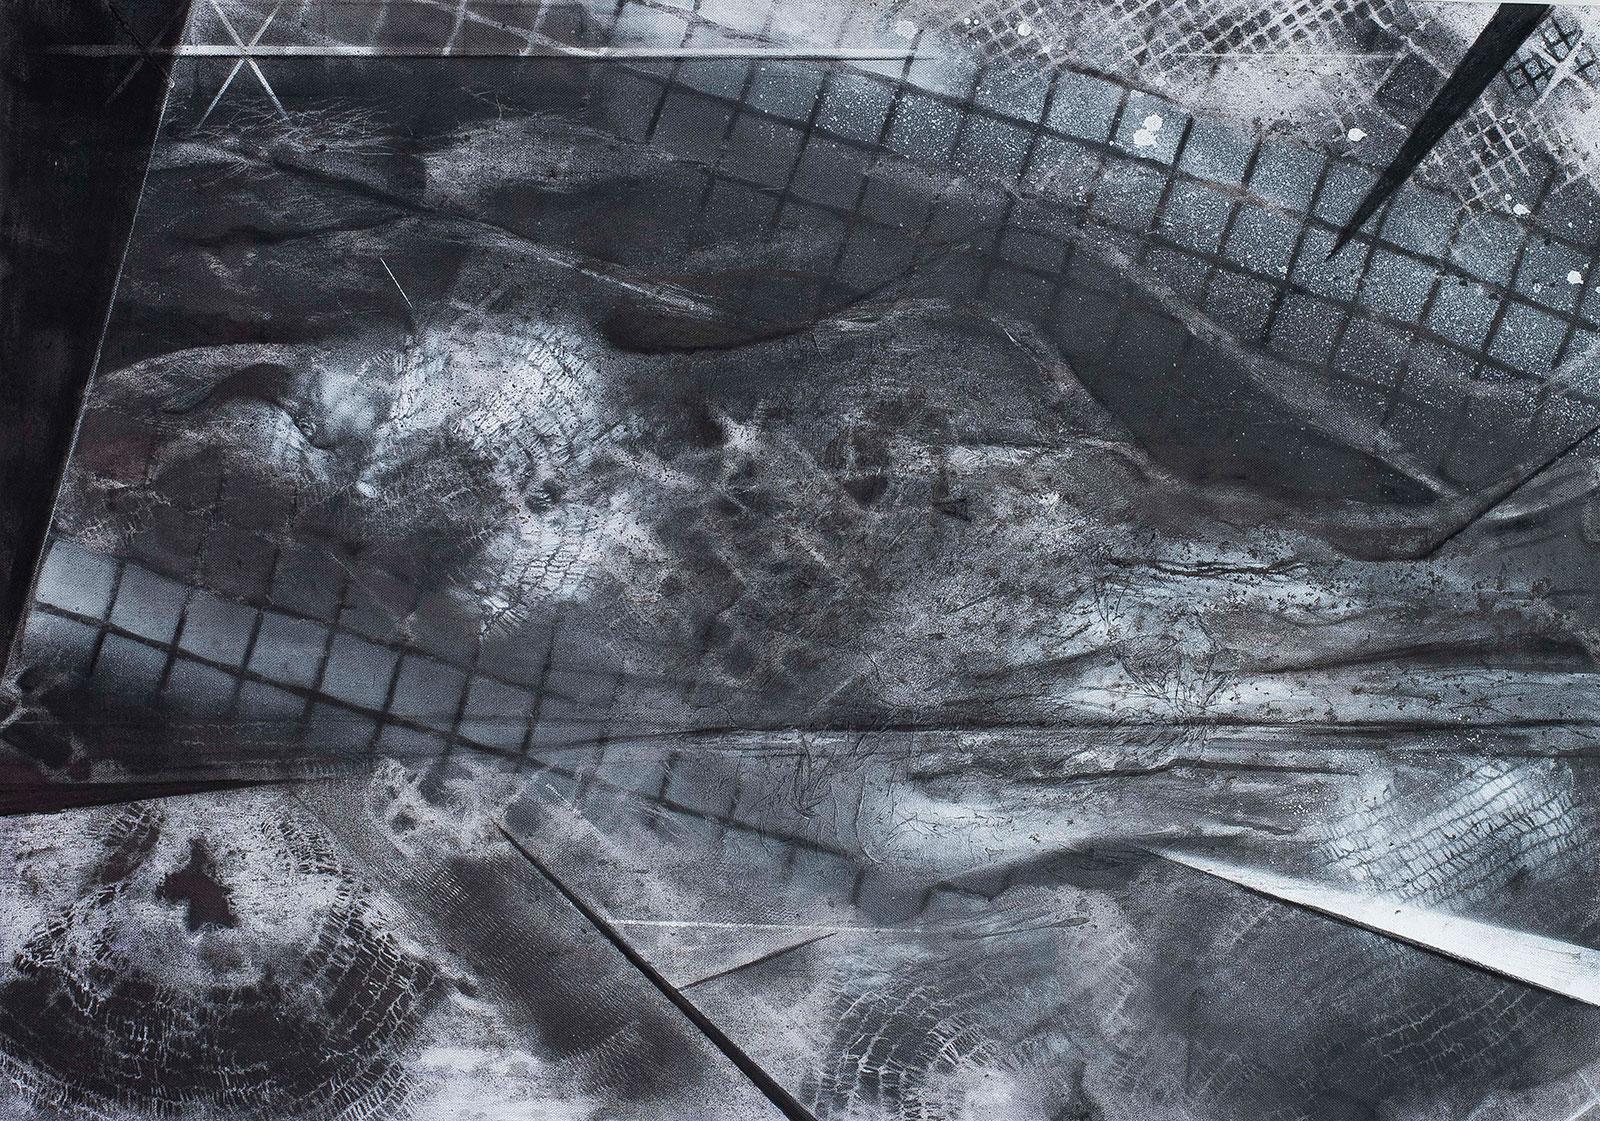 Sky view lite | Inkt en houtskool op canvas, 100 x 70